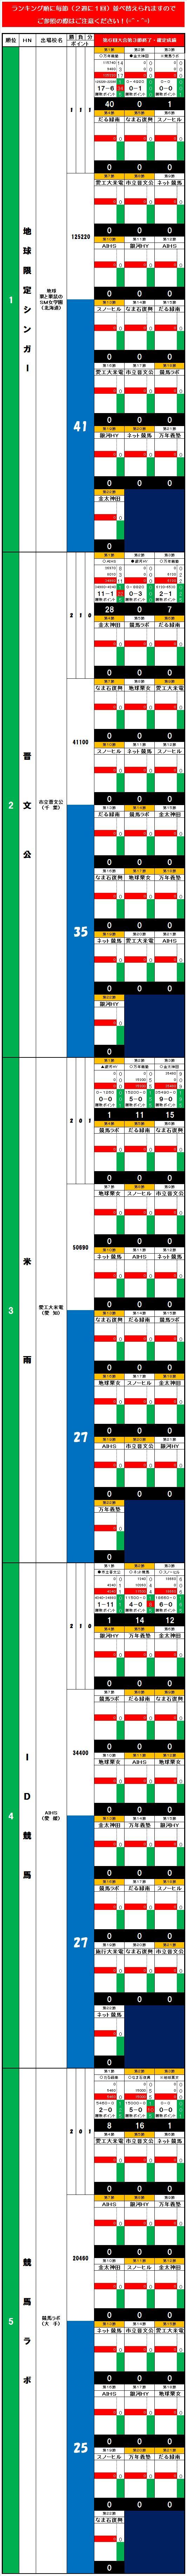 20140803・ダルマンリーグ第3節後半終了個人成績データ①.jpg